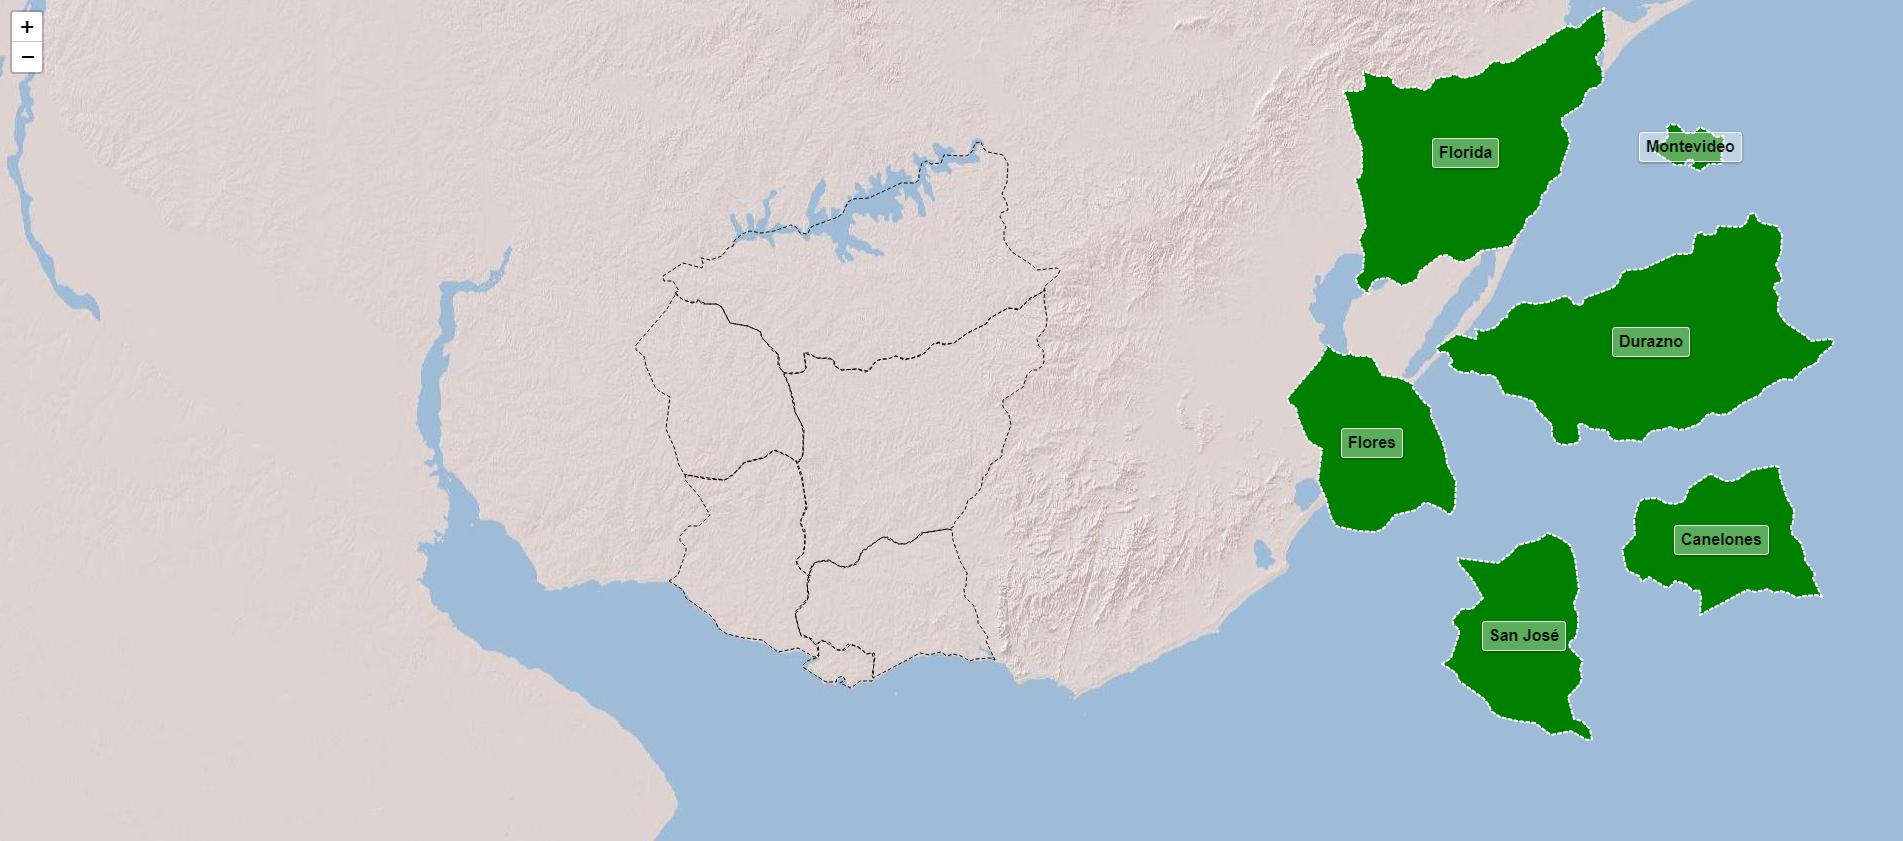 Departamentos de la región centro-sur de Uruguay